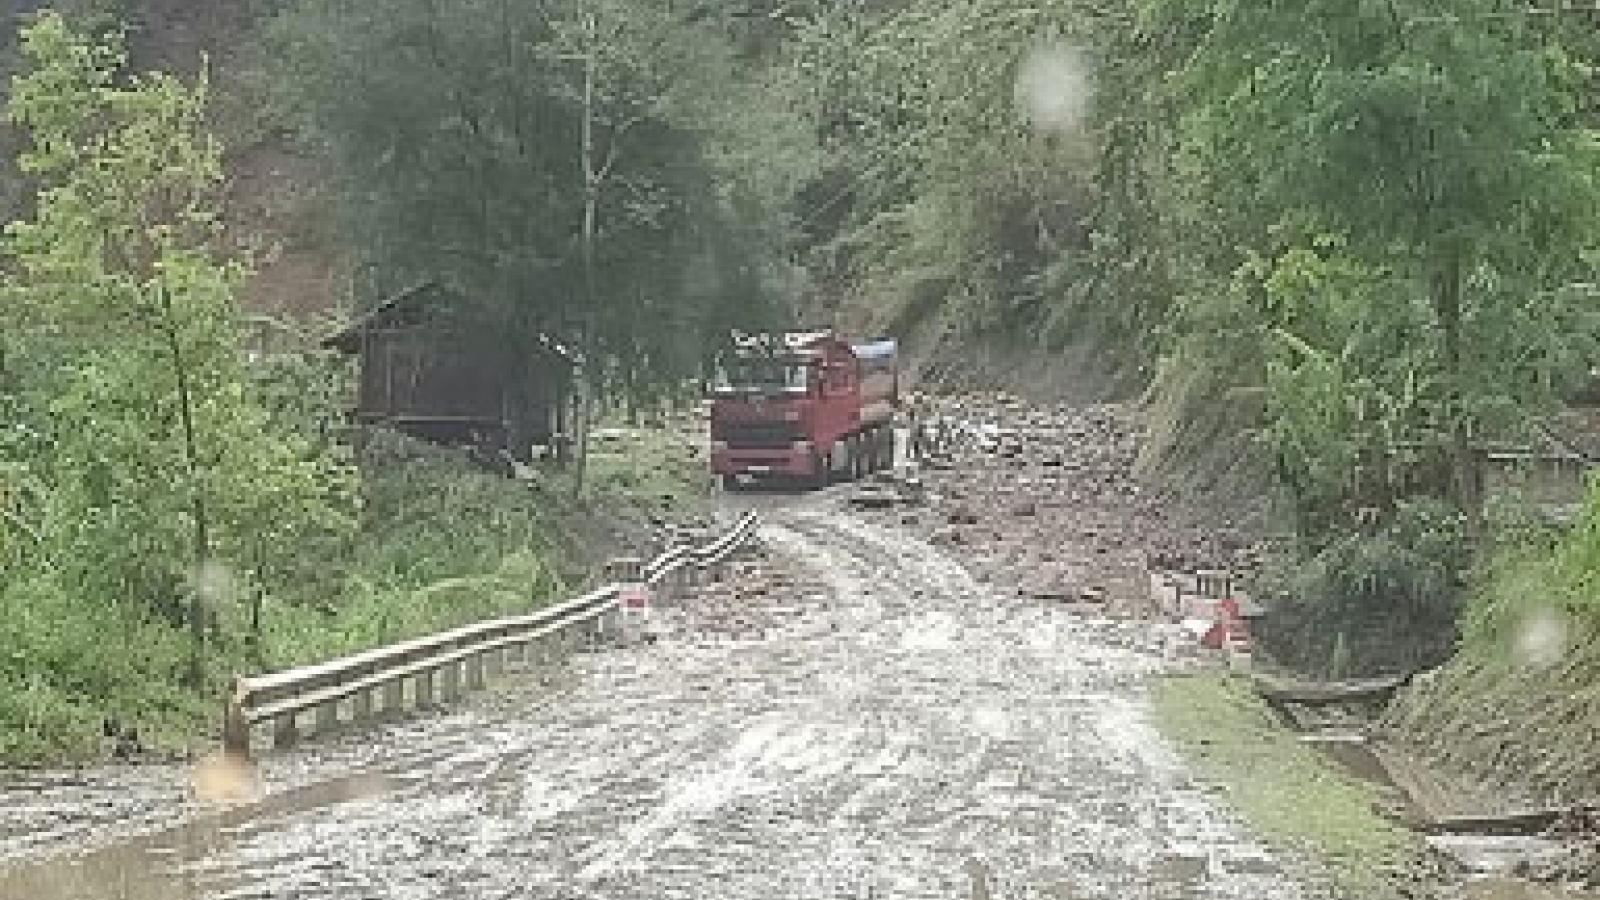 Flash floods, landslides kills 3 in northern Vietnam